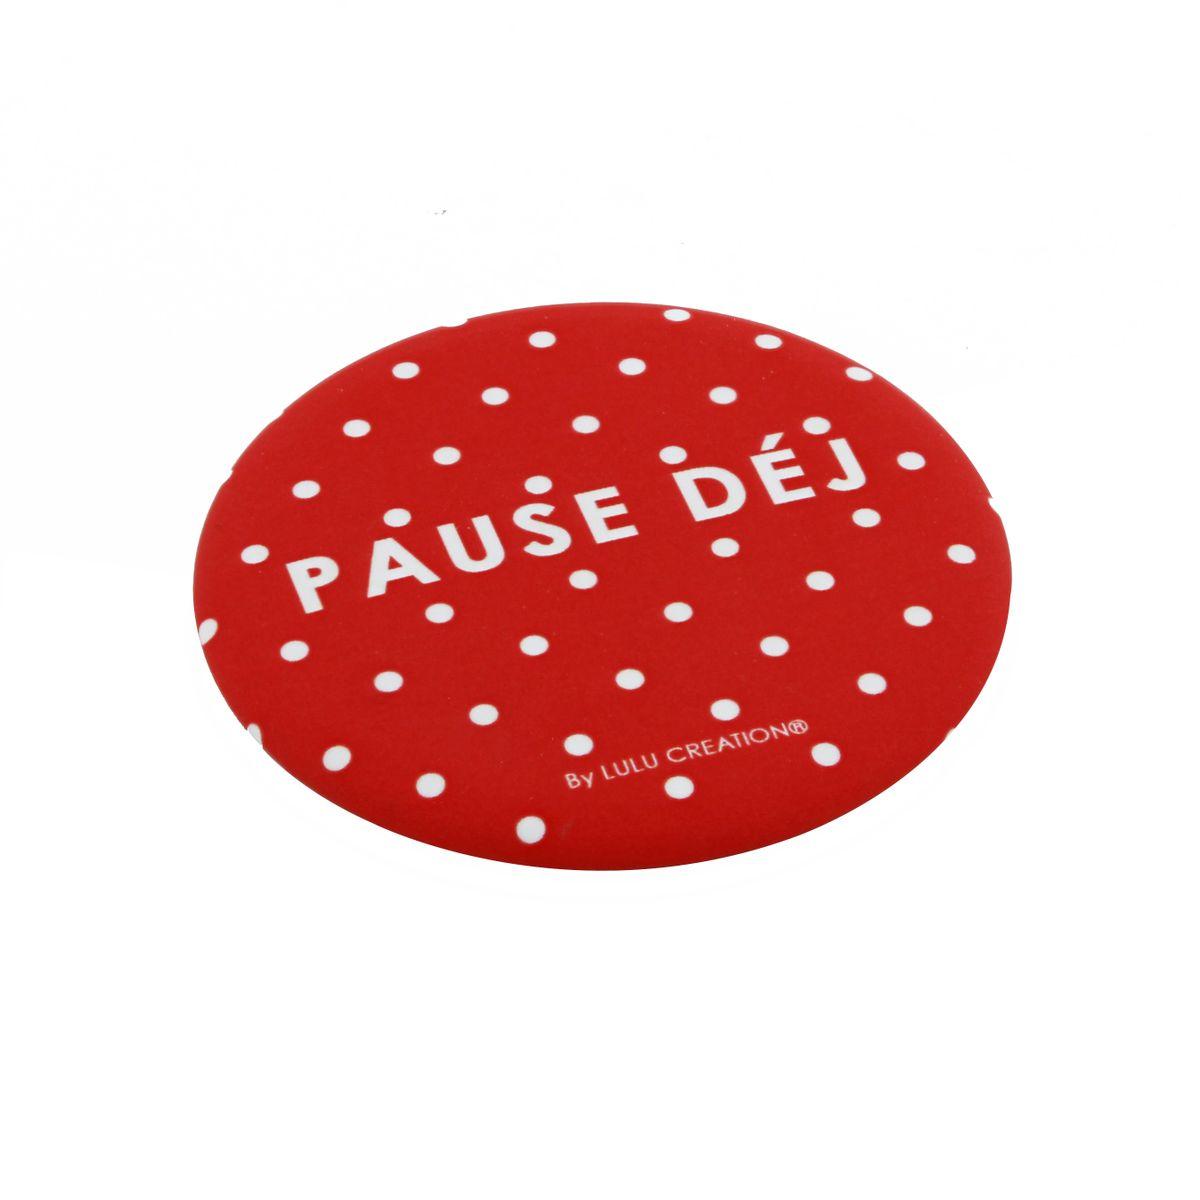 MAGNET DECAPSULEUR - PAUSE DEJ - LULU CREATION